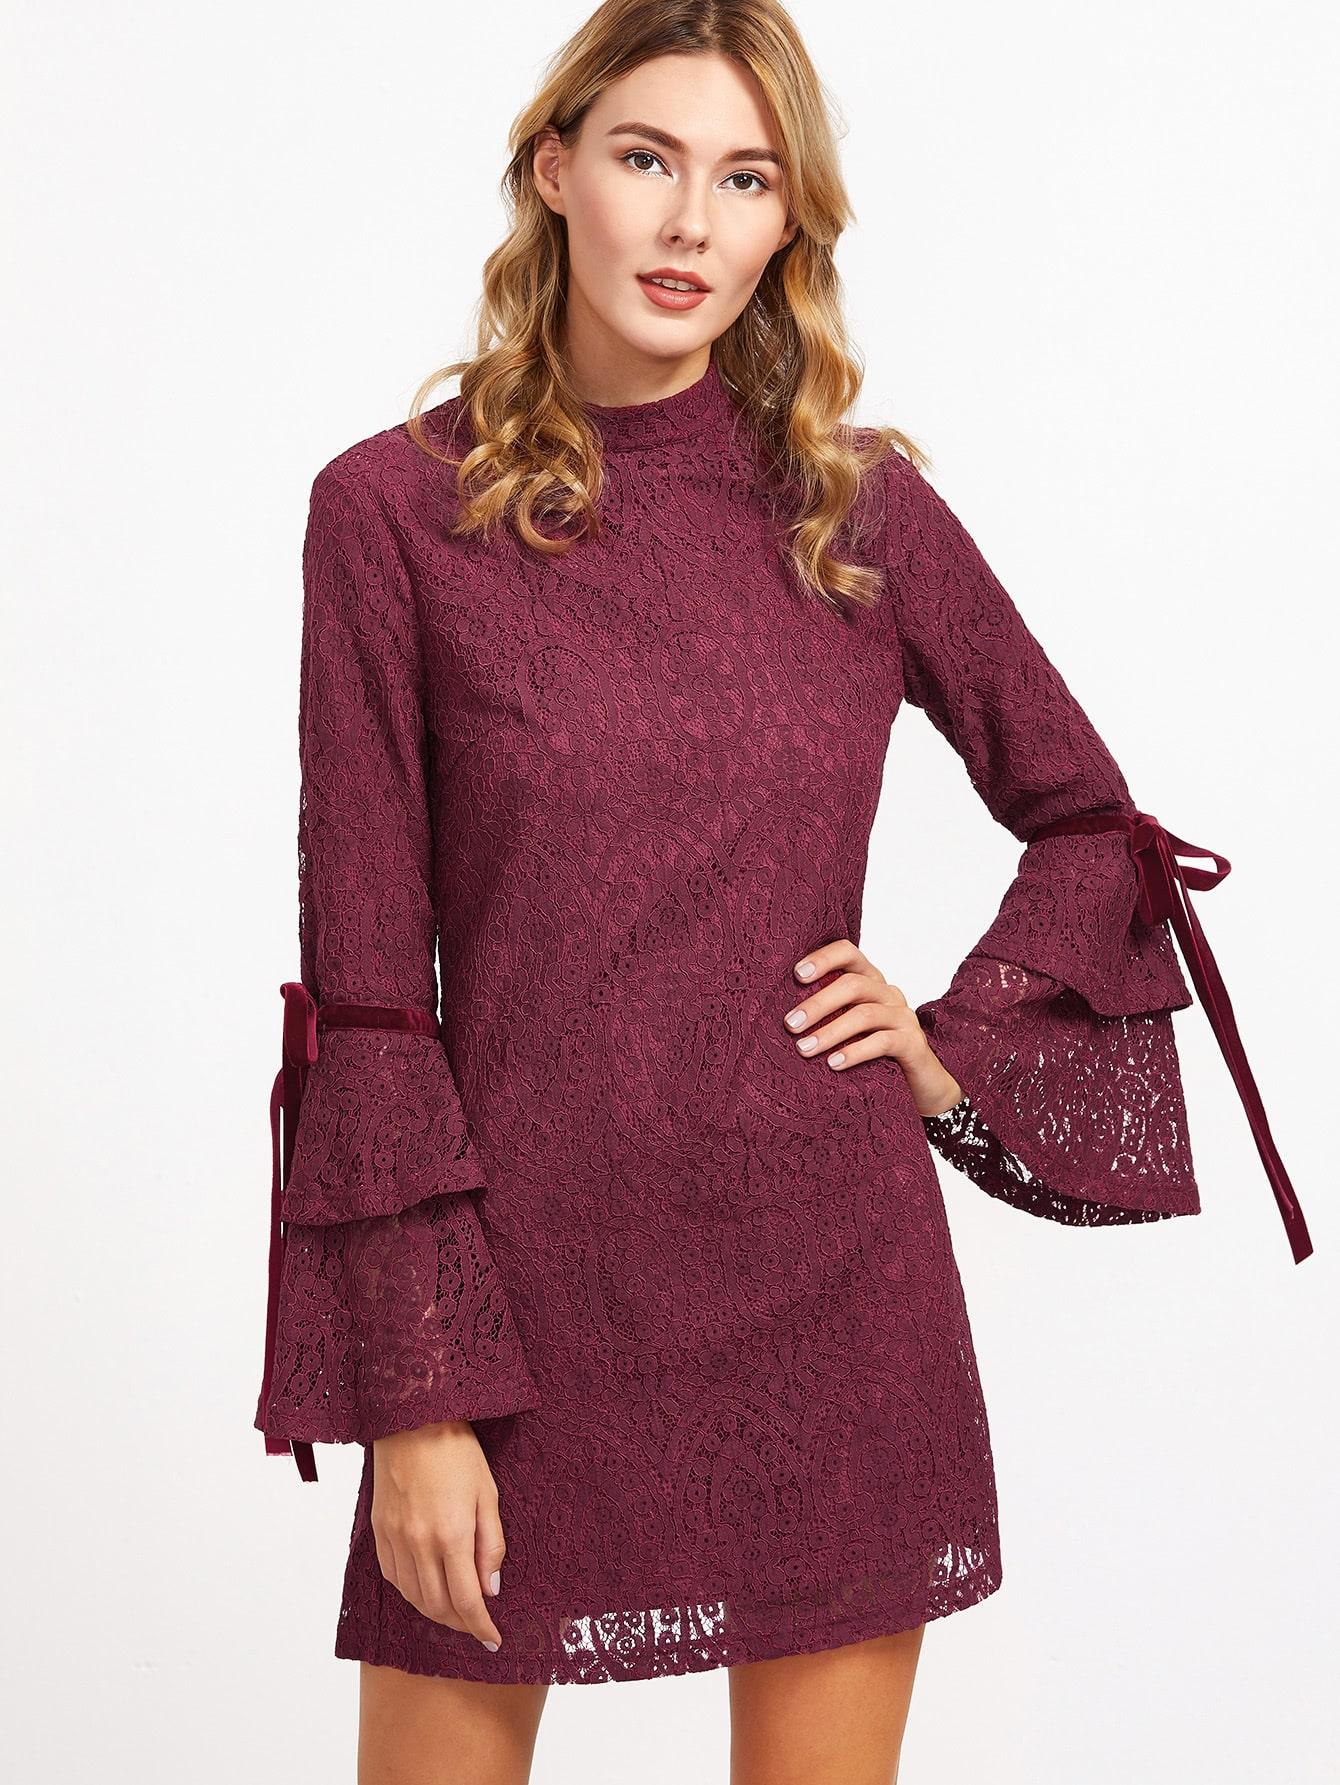 dress161125721_2